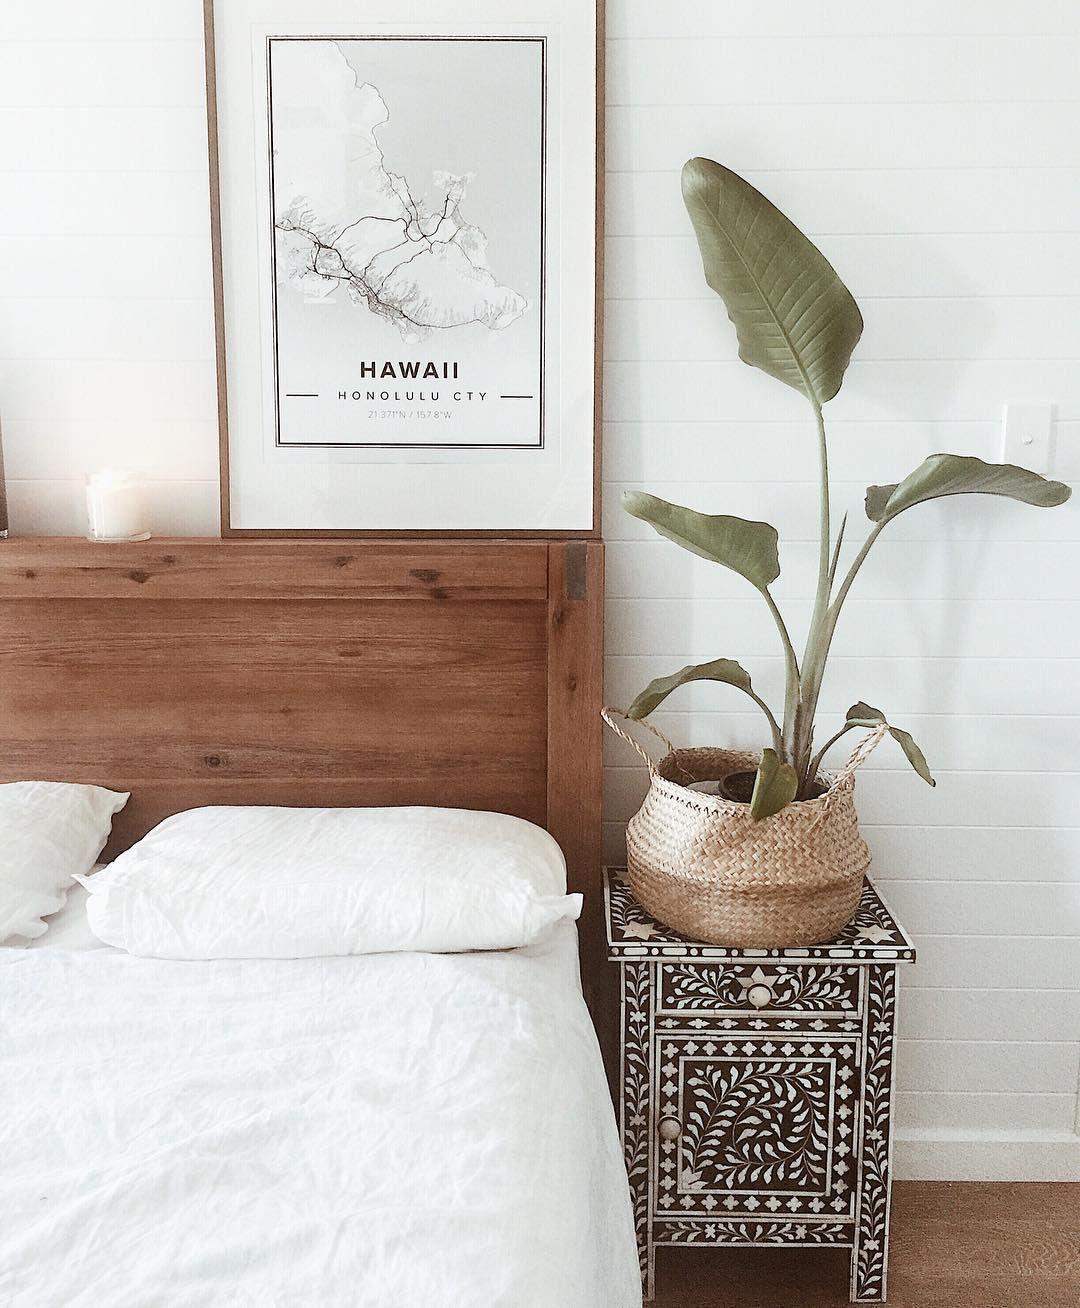 Minimal simple bedroom design hawaii map wall art inlay drawer